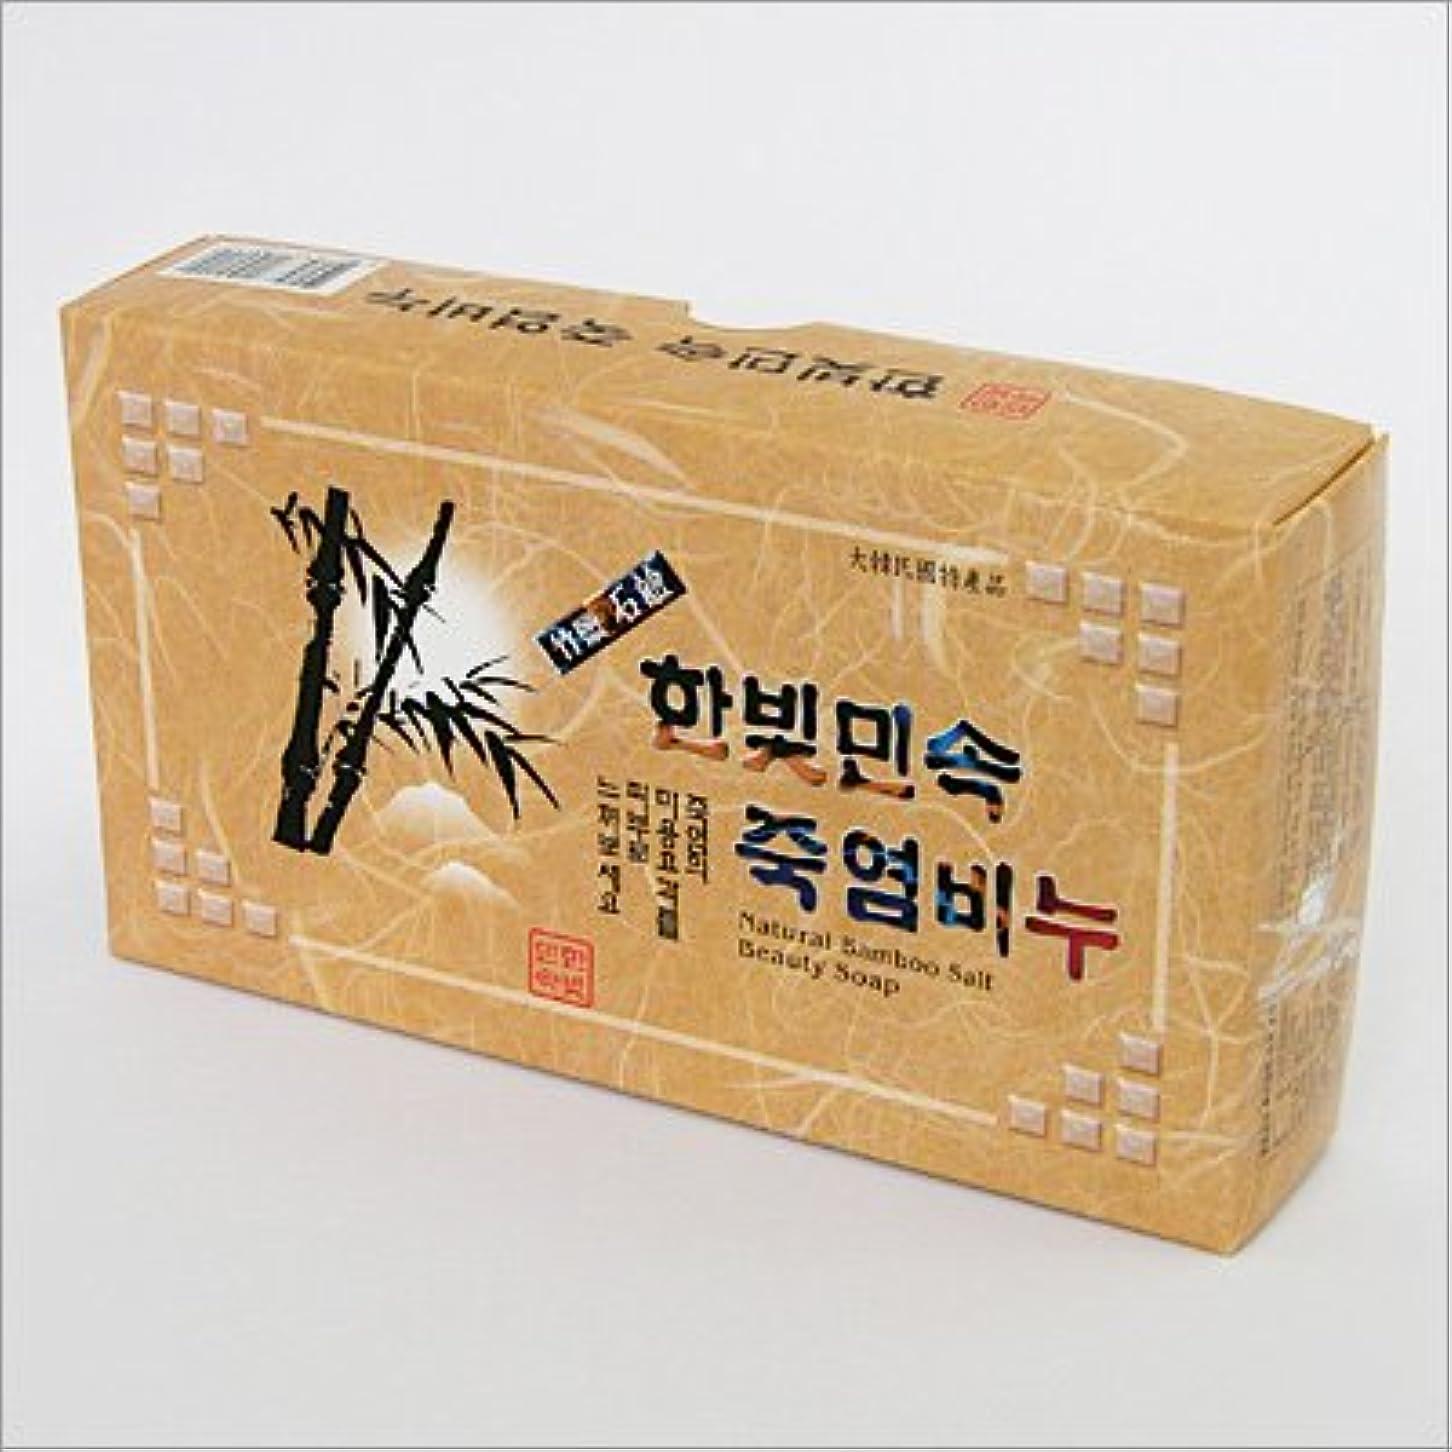 残基起きている役割(韓国ブランド) 韓国 竹塩石鹸(3個セット)